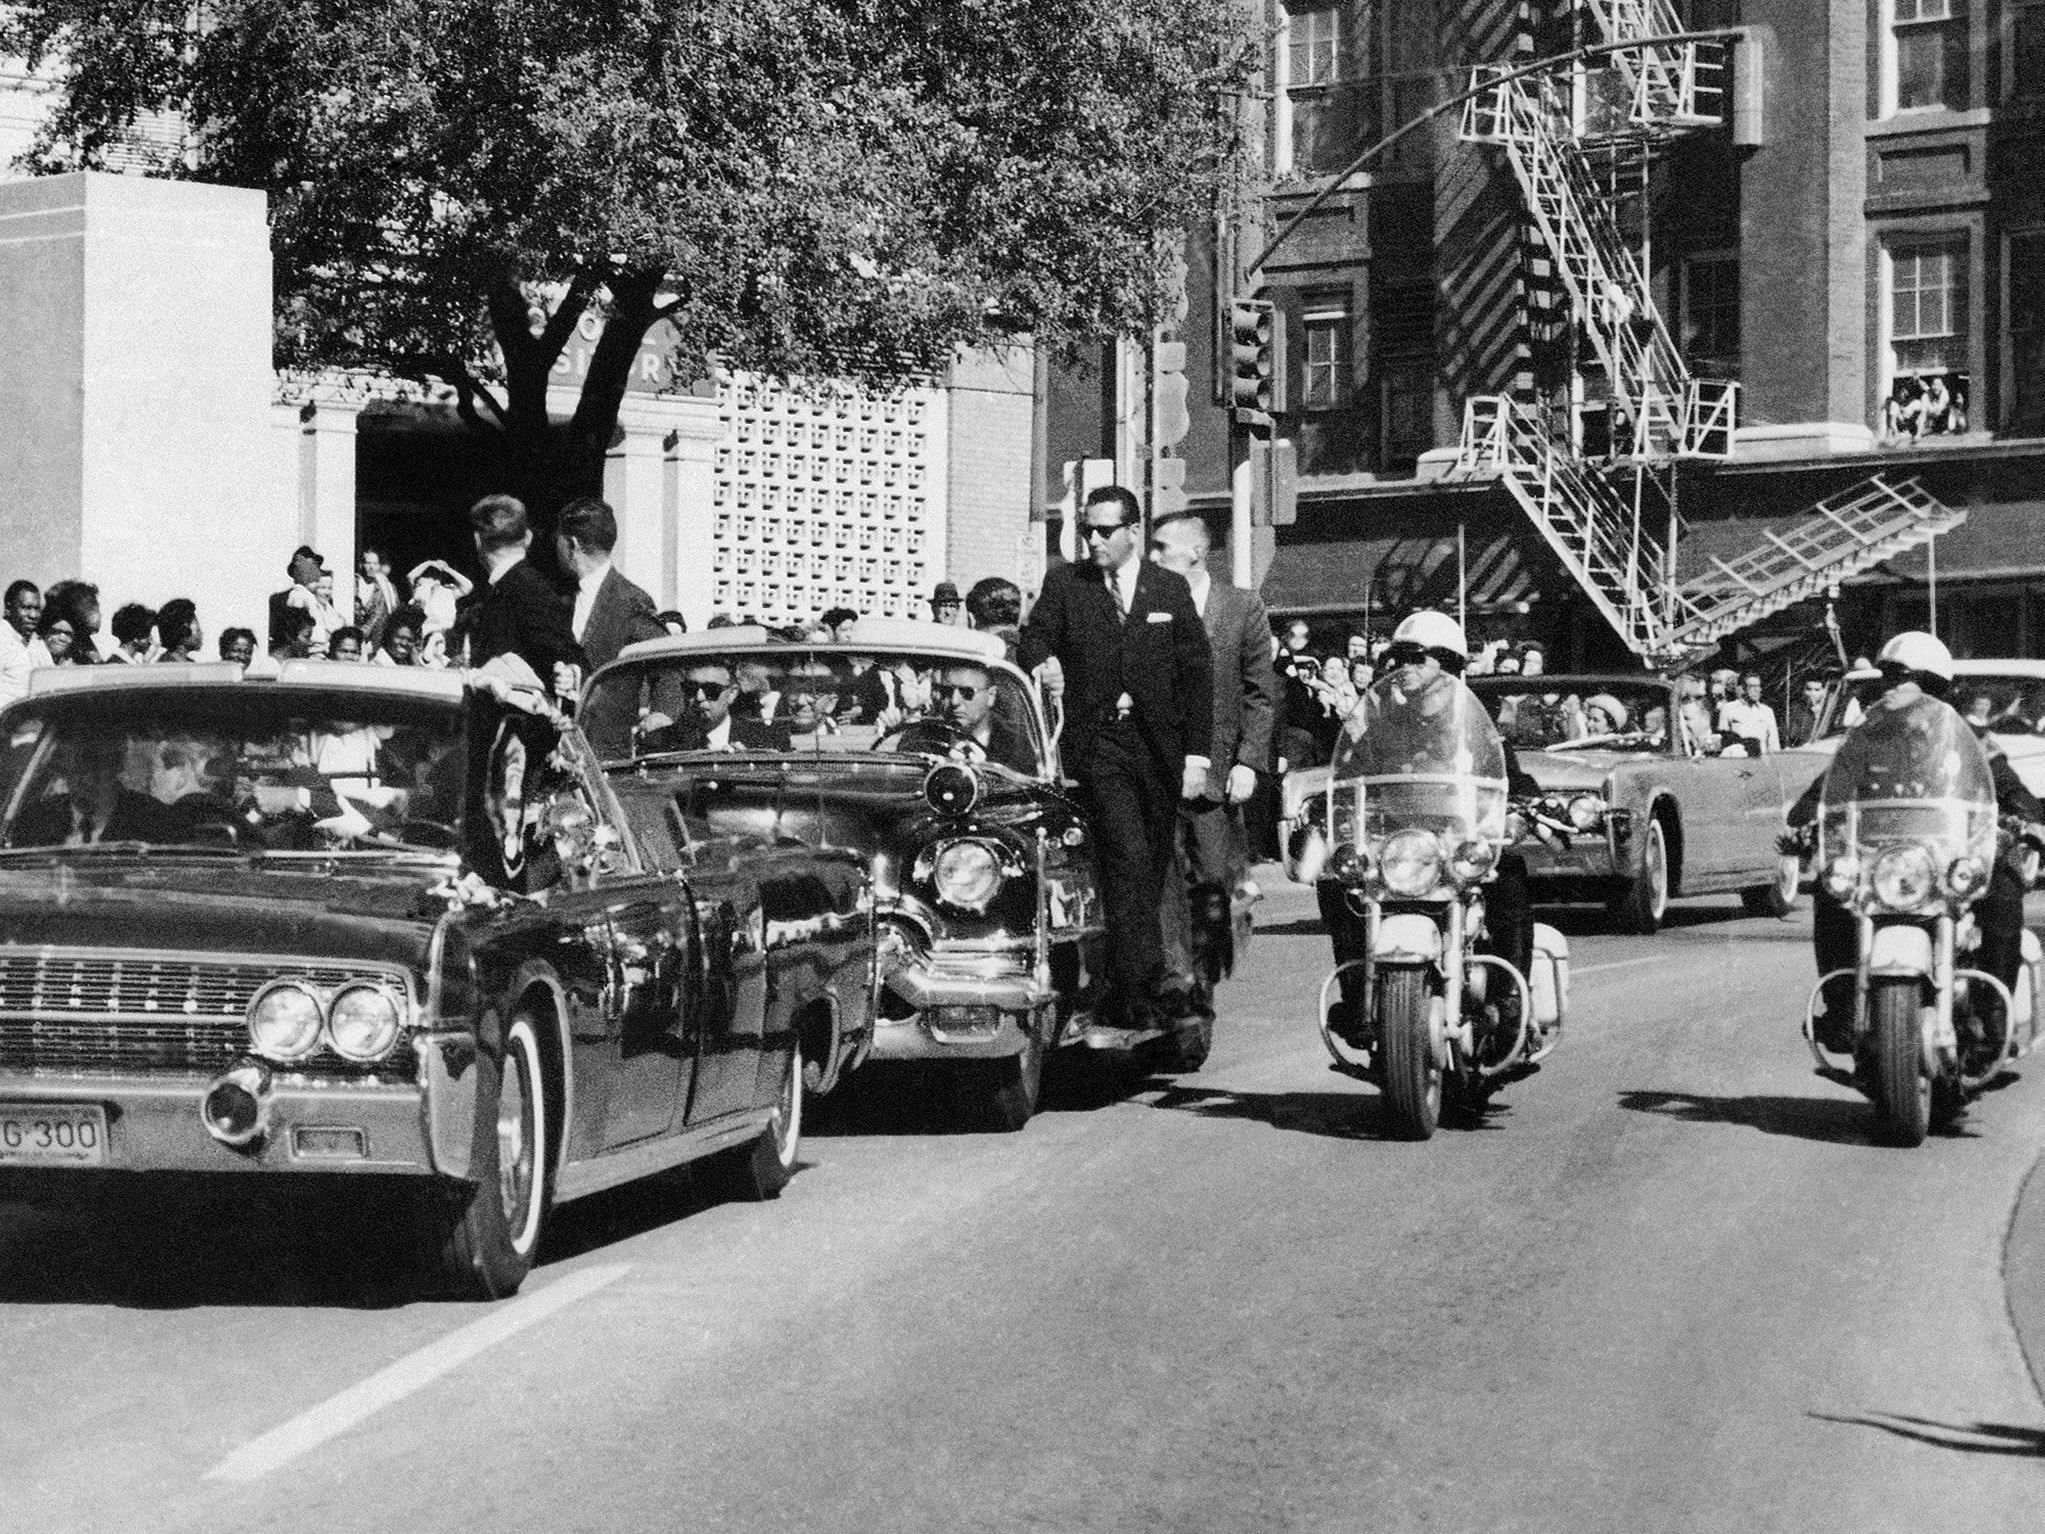 Seltsamerweise wurde die Limousine nach dem Attentat und den forensischen Untersuchungen nicht aus dem Verkehr gezogen.